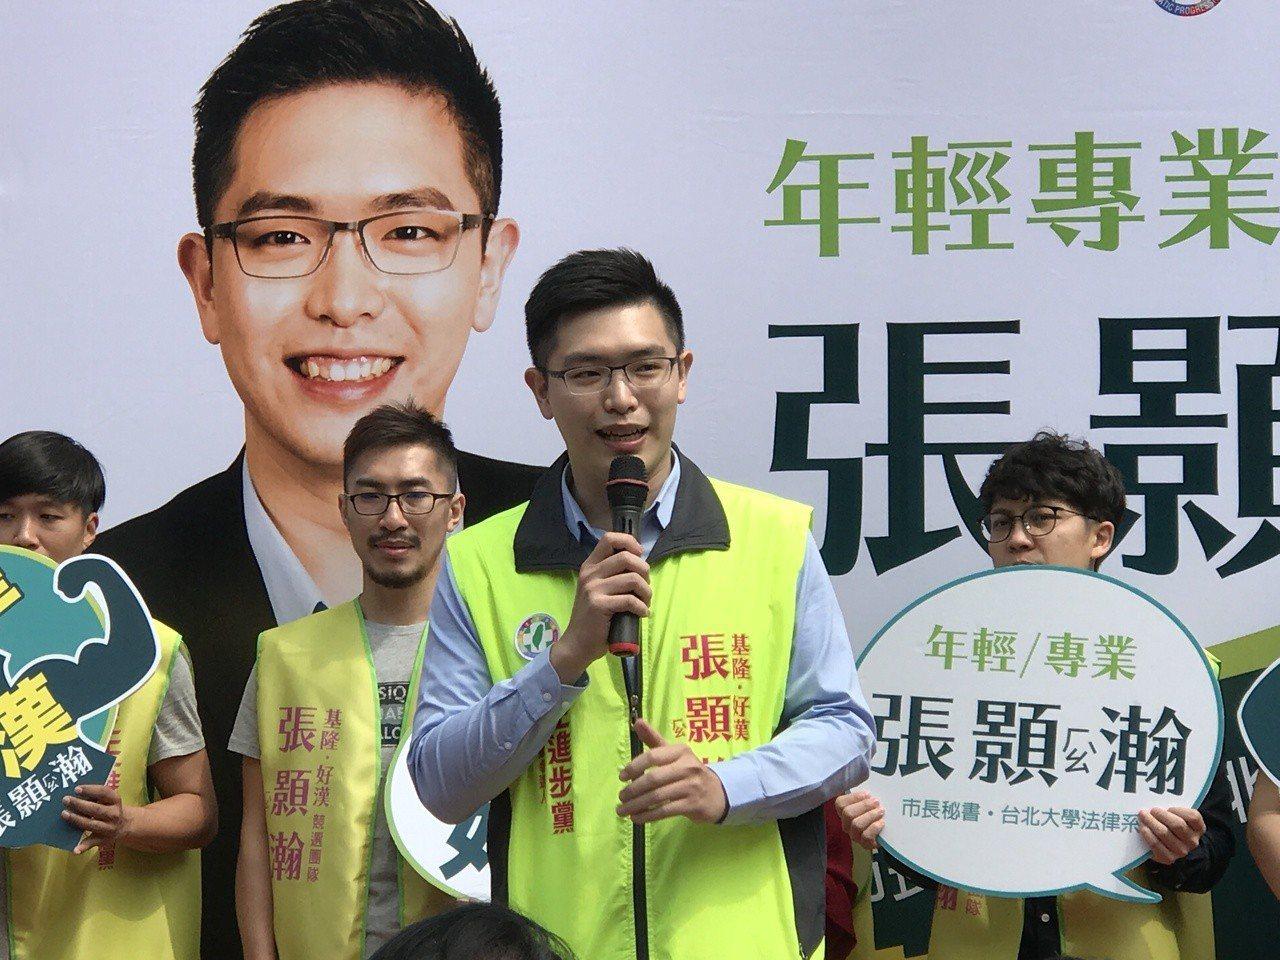 民進黨基隆副議長,推派新生代議員張顥翰參選,圖/本報系資料照